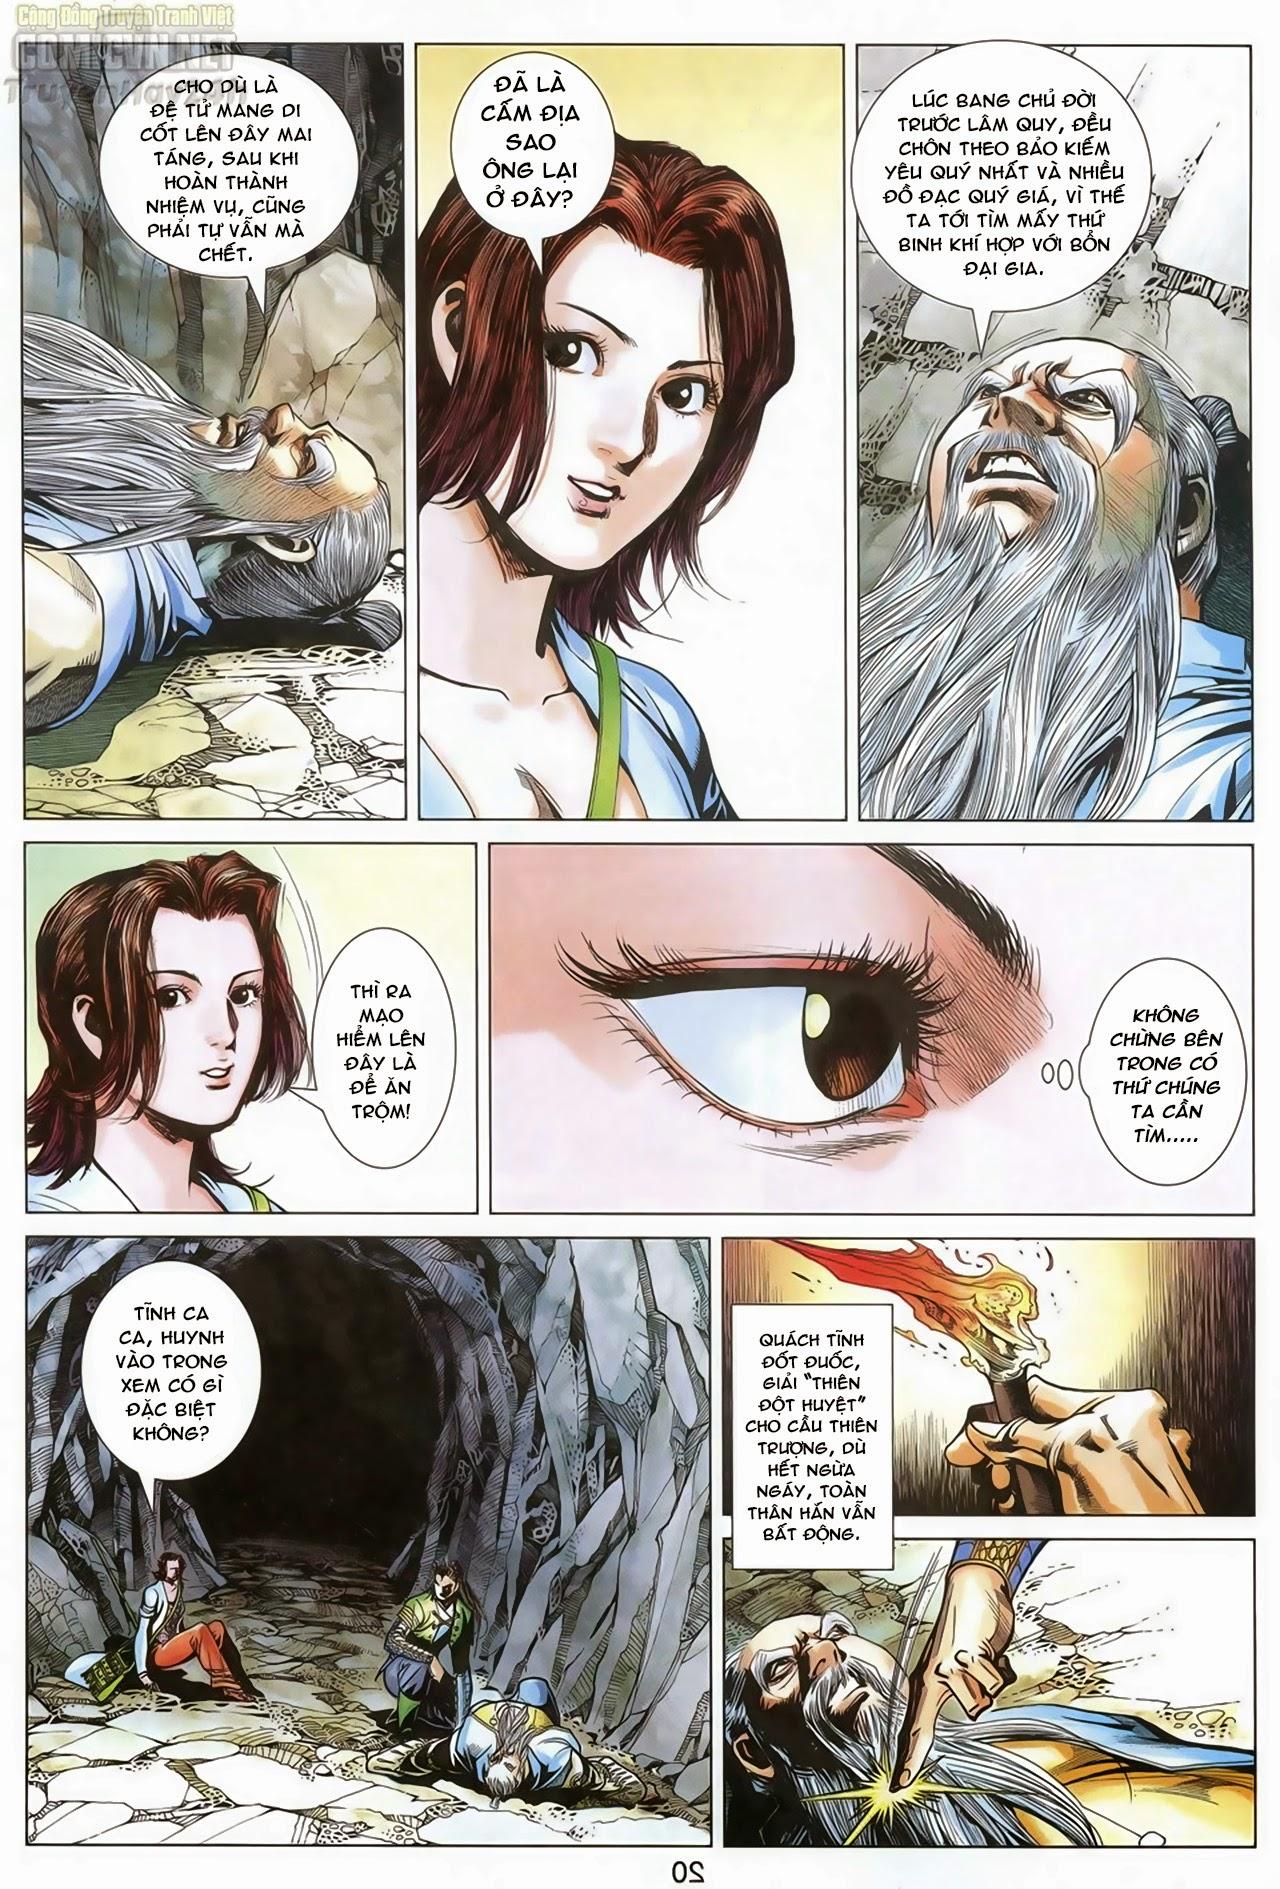 Anh Hùng Xạ Điêu anh hùng xạ đêu chap 69: hồn đoạn thiết chưởng phong trang 21